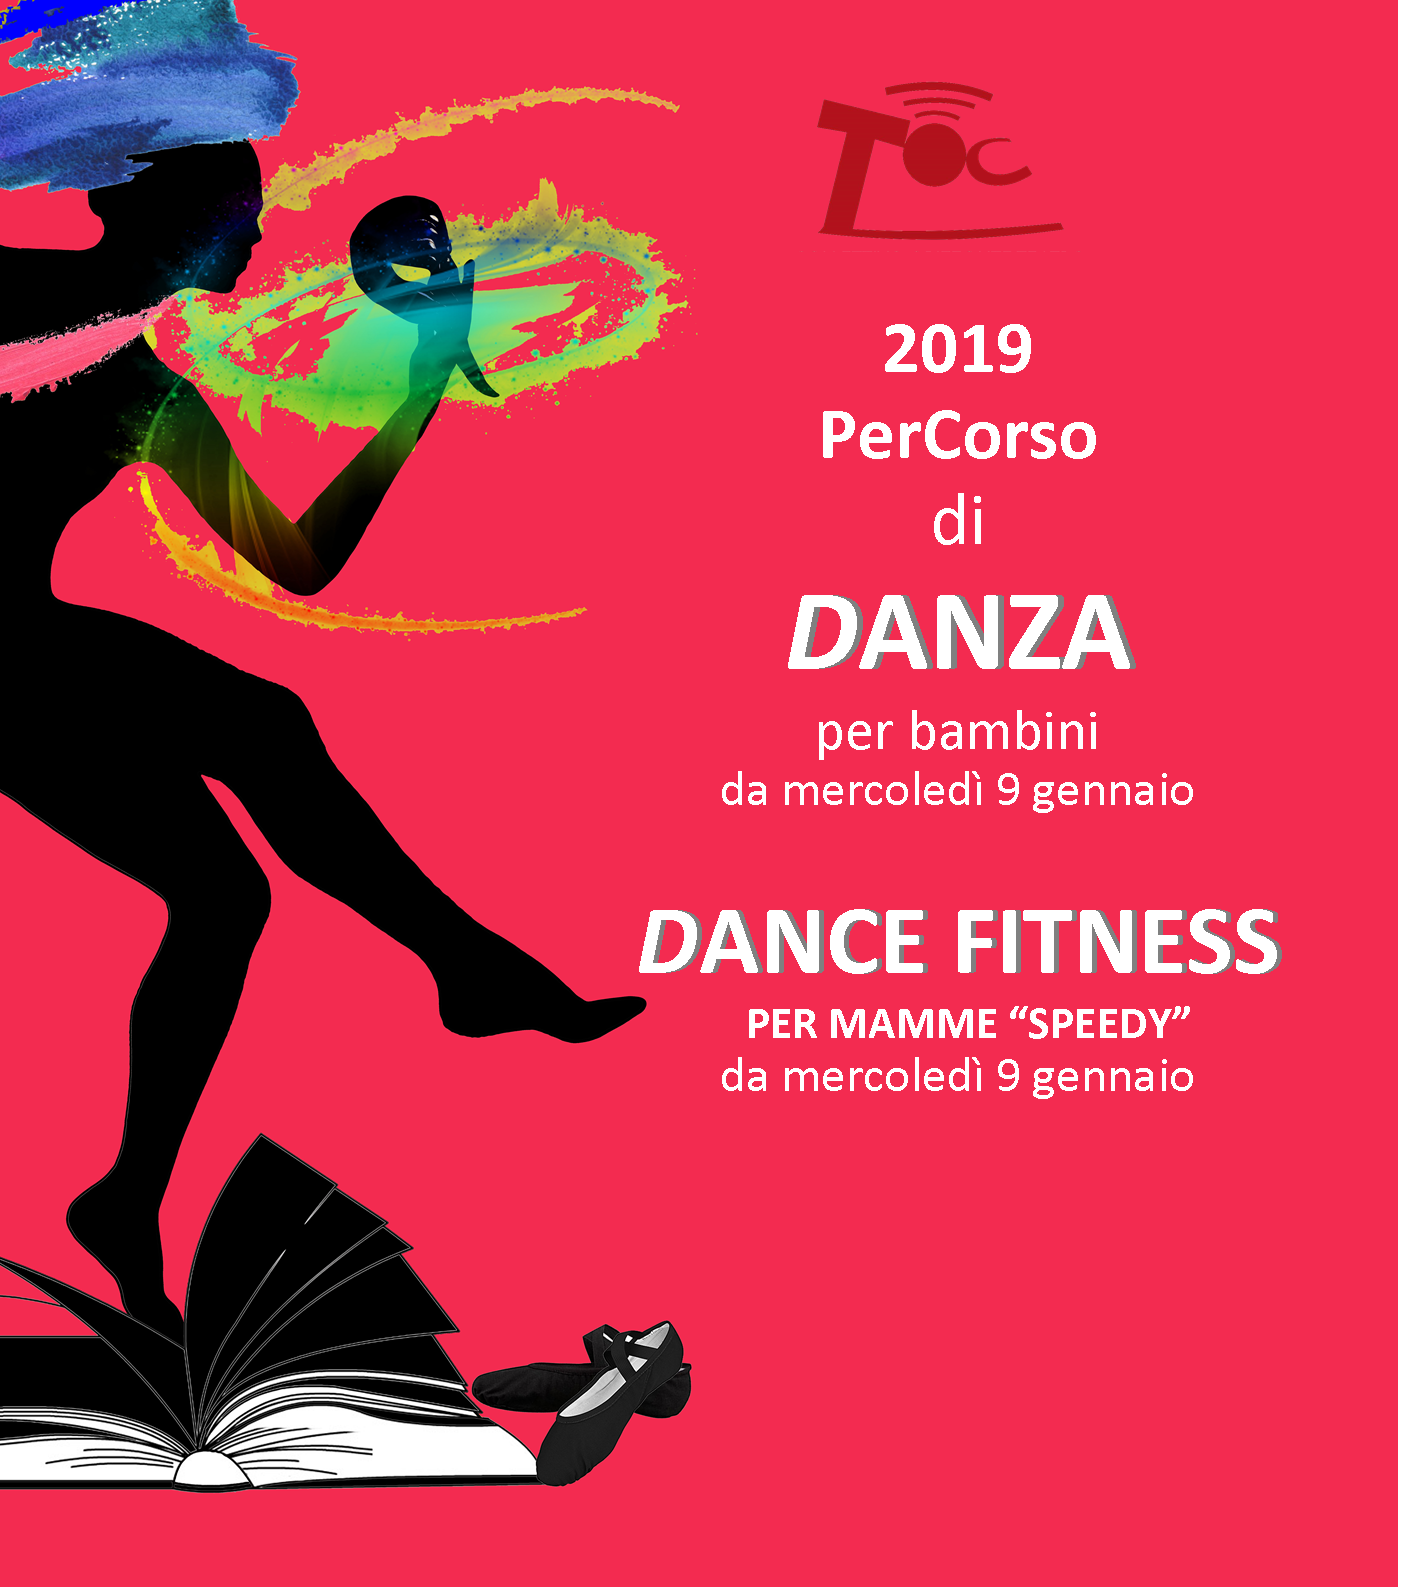 2019 PerCorsi di Danza per bambini e  Dance Fitness per adulti